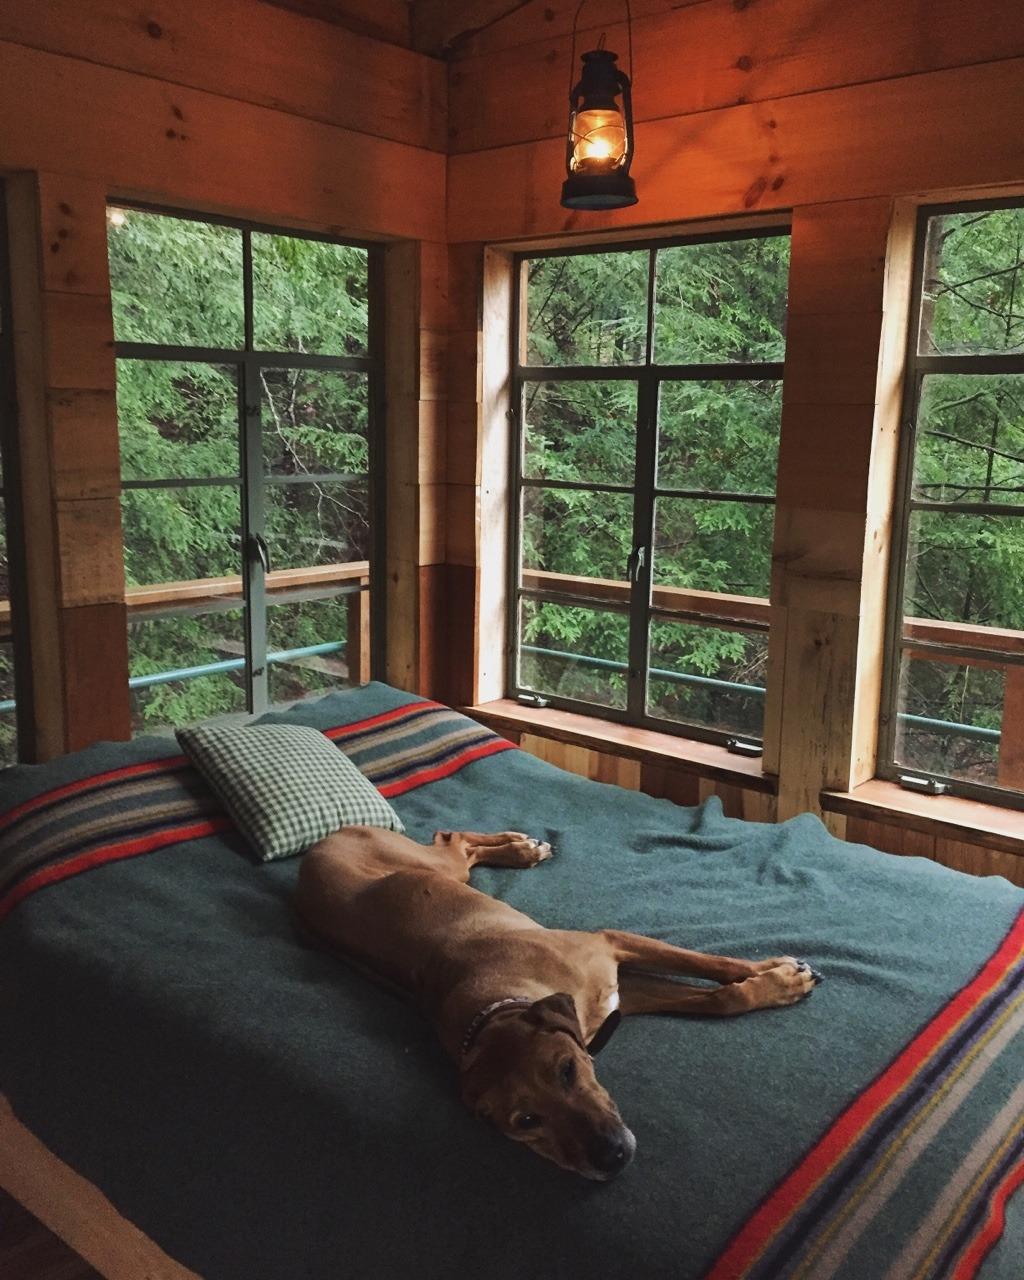 doggo relaxing